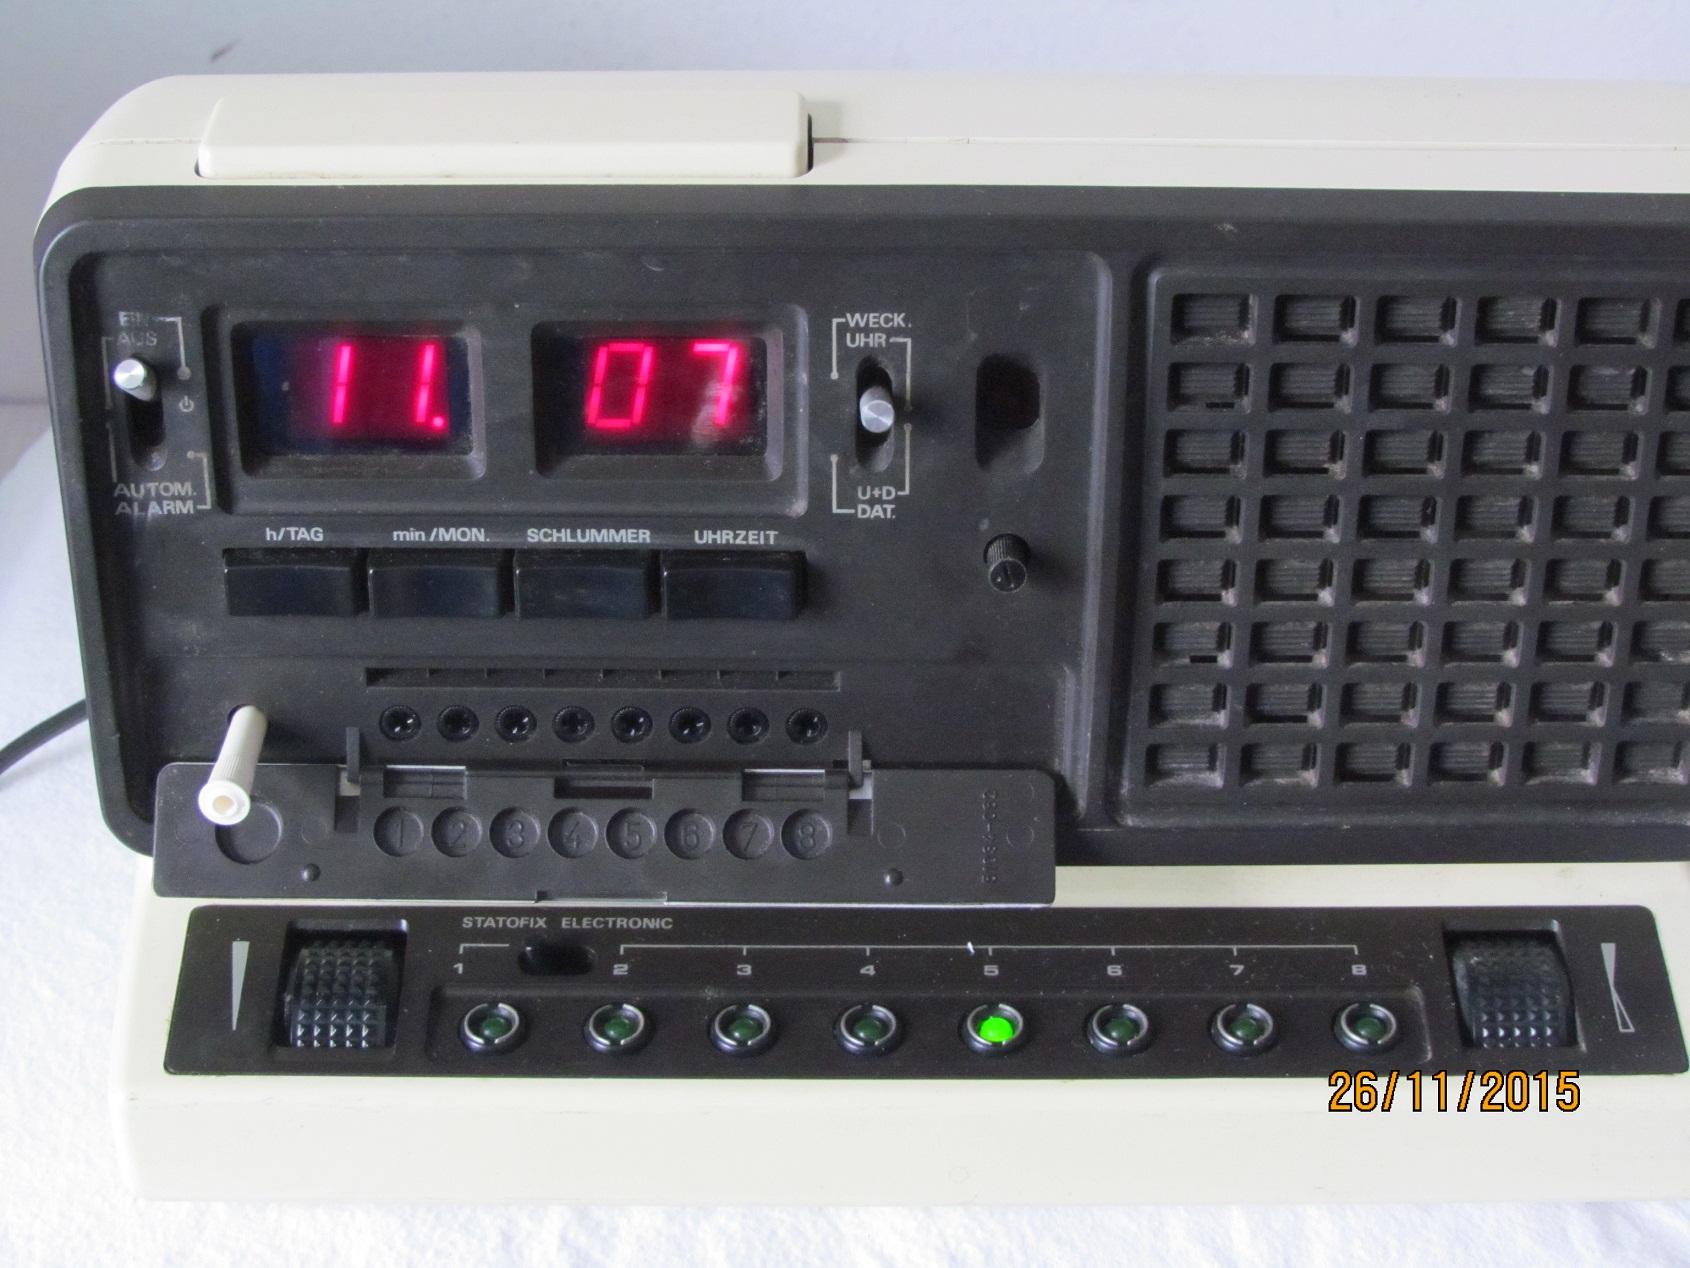 radiowecker grundig sono clock 650 von 1978 rarit t ebay. Black Bedroom Furniture Sets. Home Design Ideas